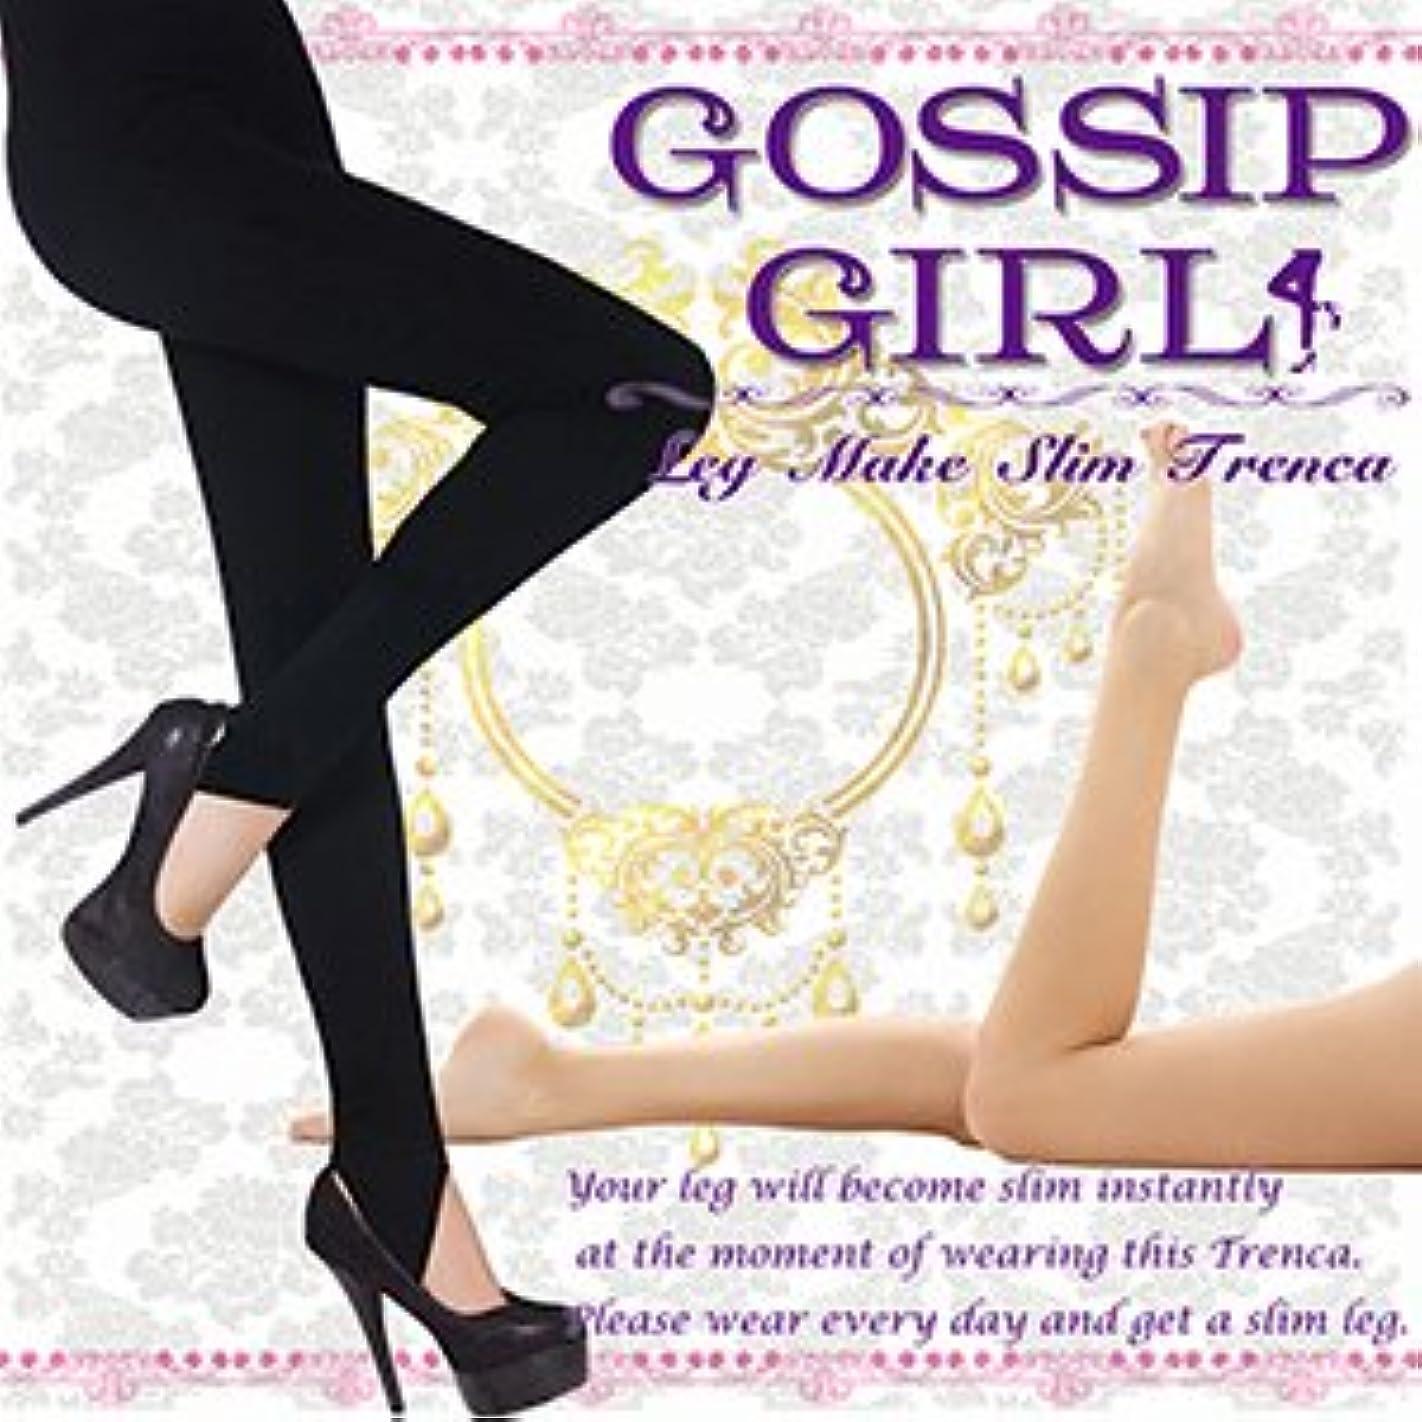 バングポーチ正当化するGOSSIP GIRL Leg Make Slim Trenca (ゴシップガール レッグメイクスリムトレンカ)